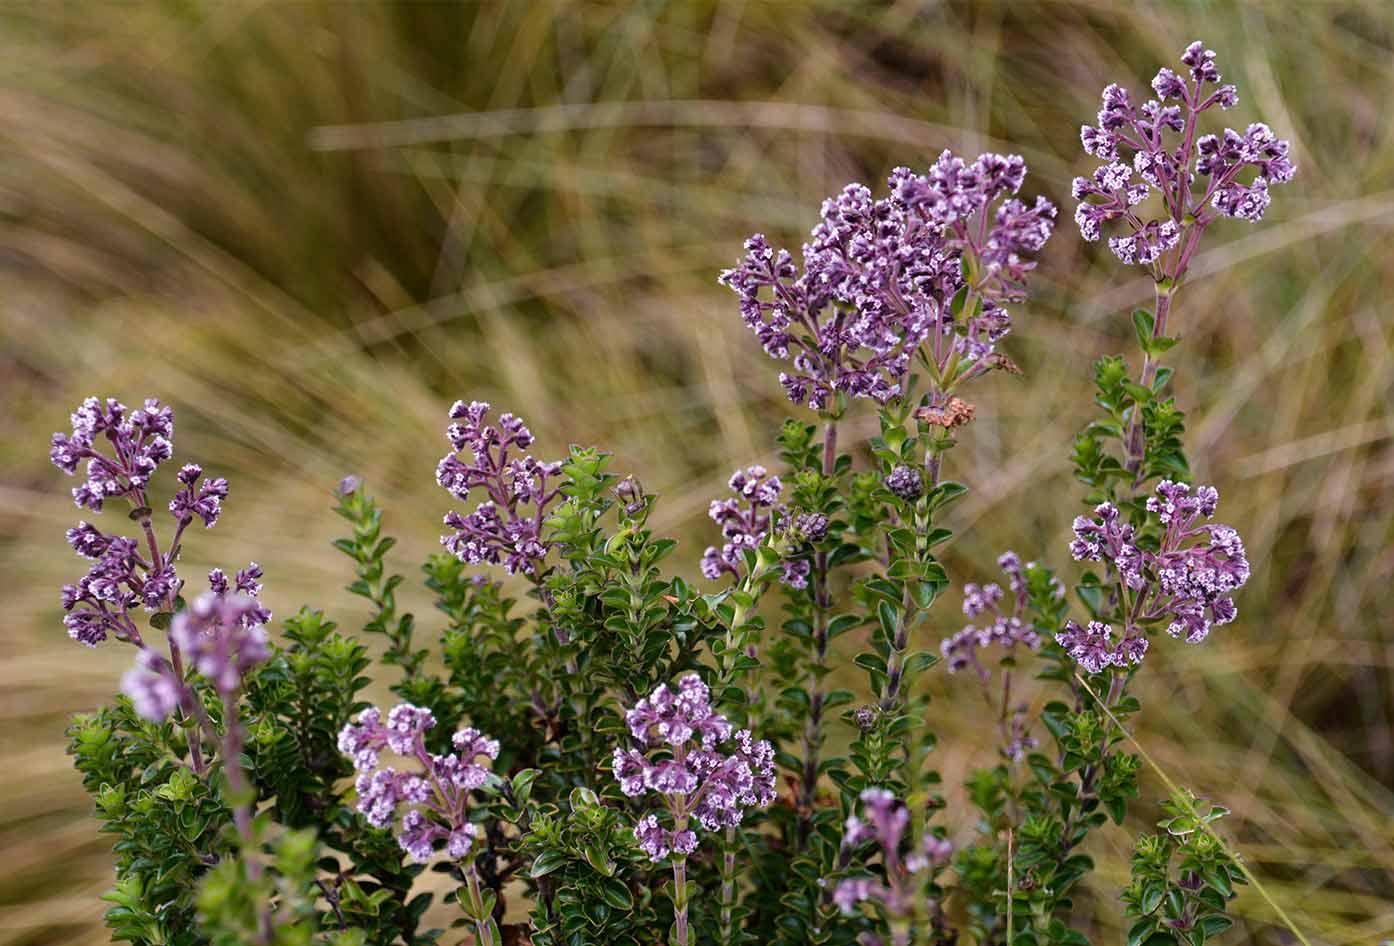 cajas national park plants